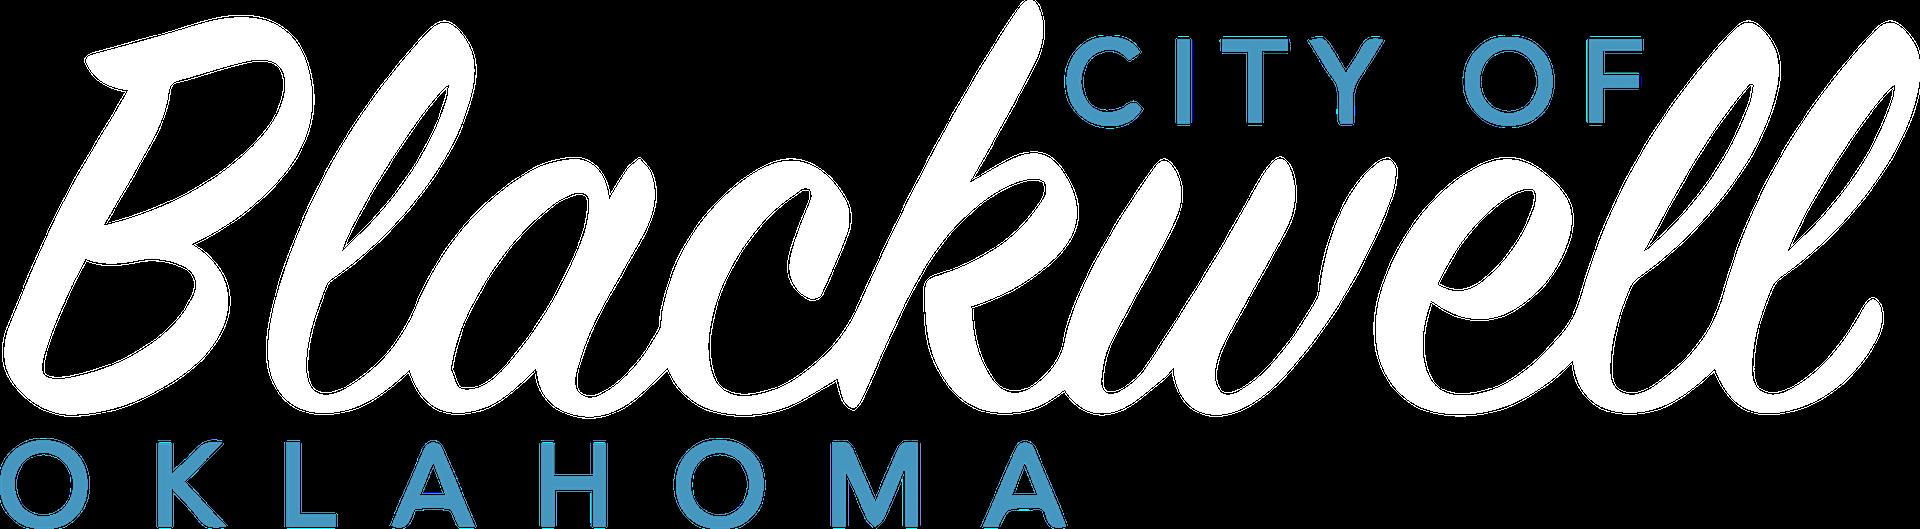 City of Blackwell, Oklahoma